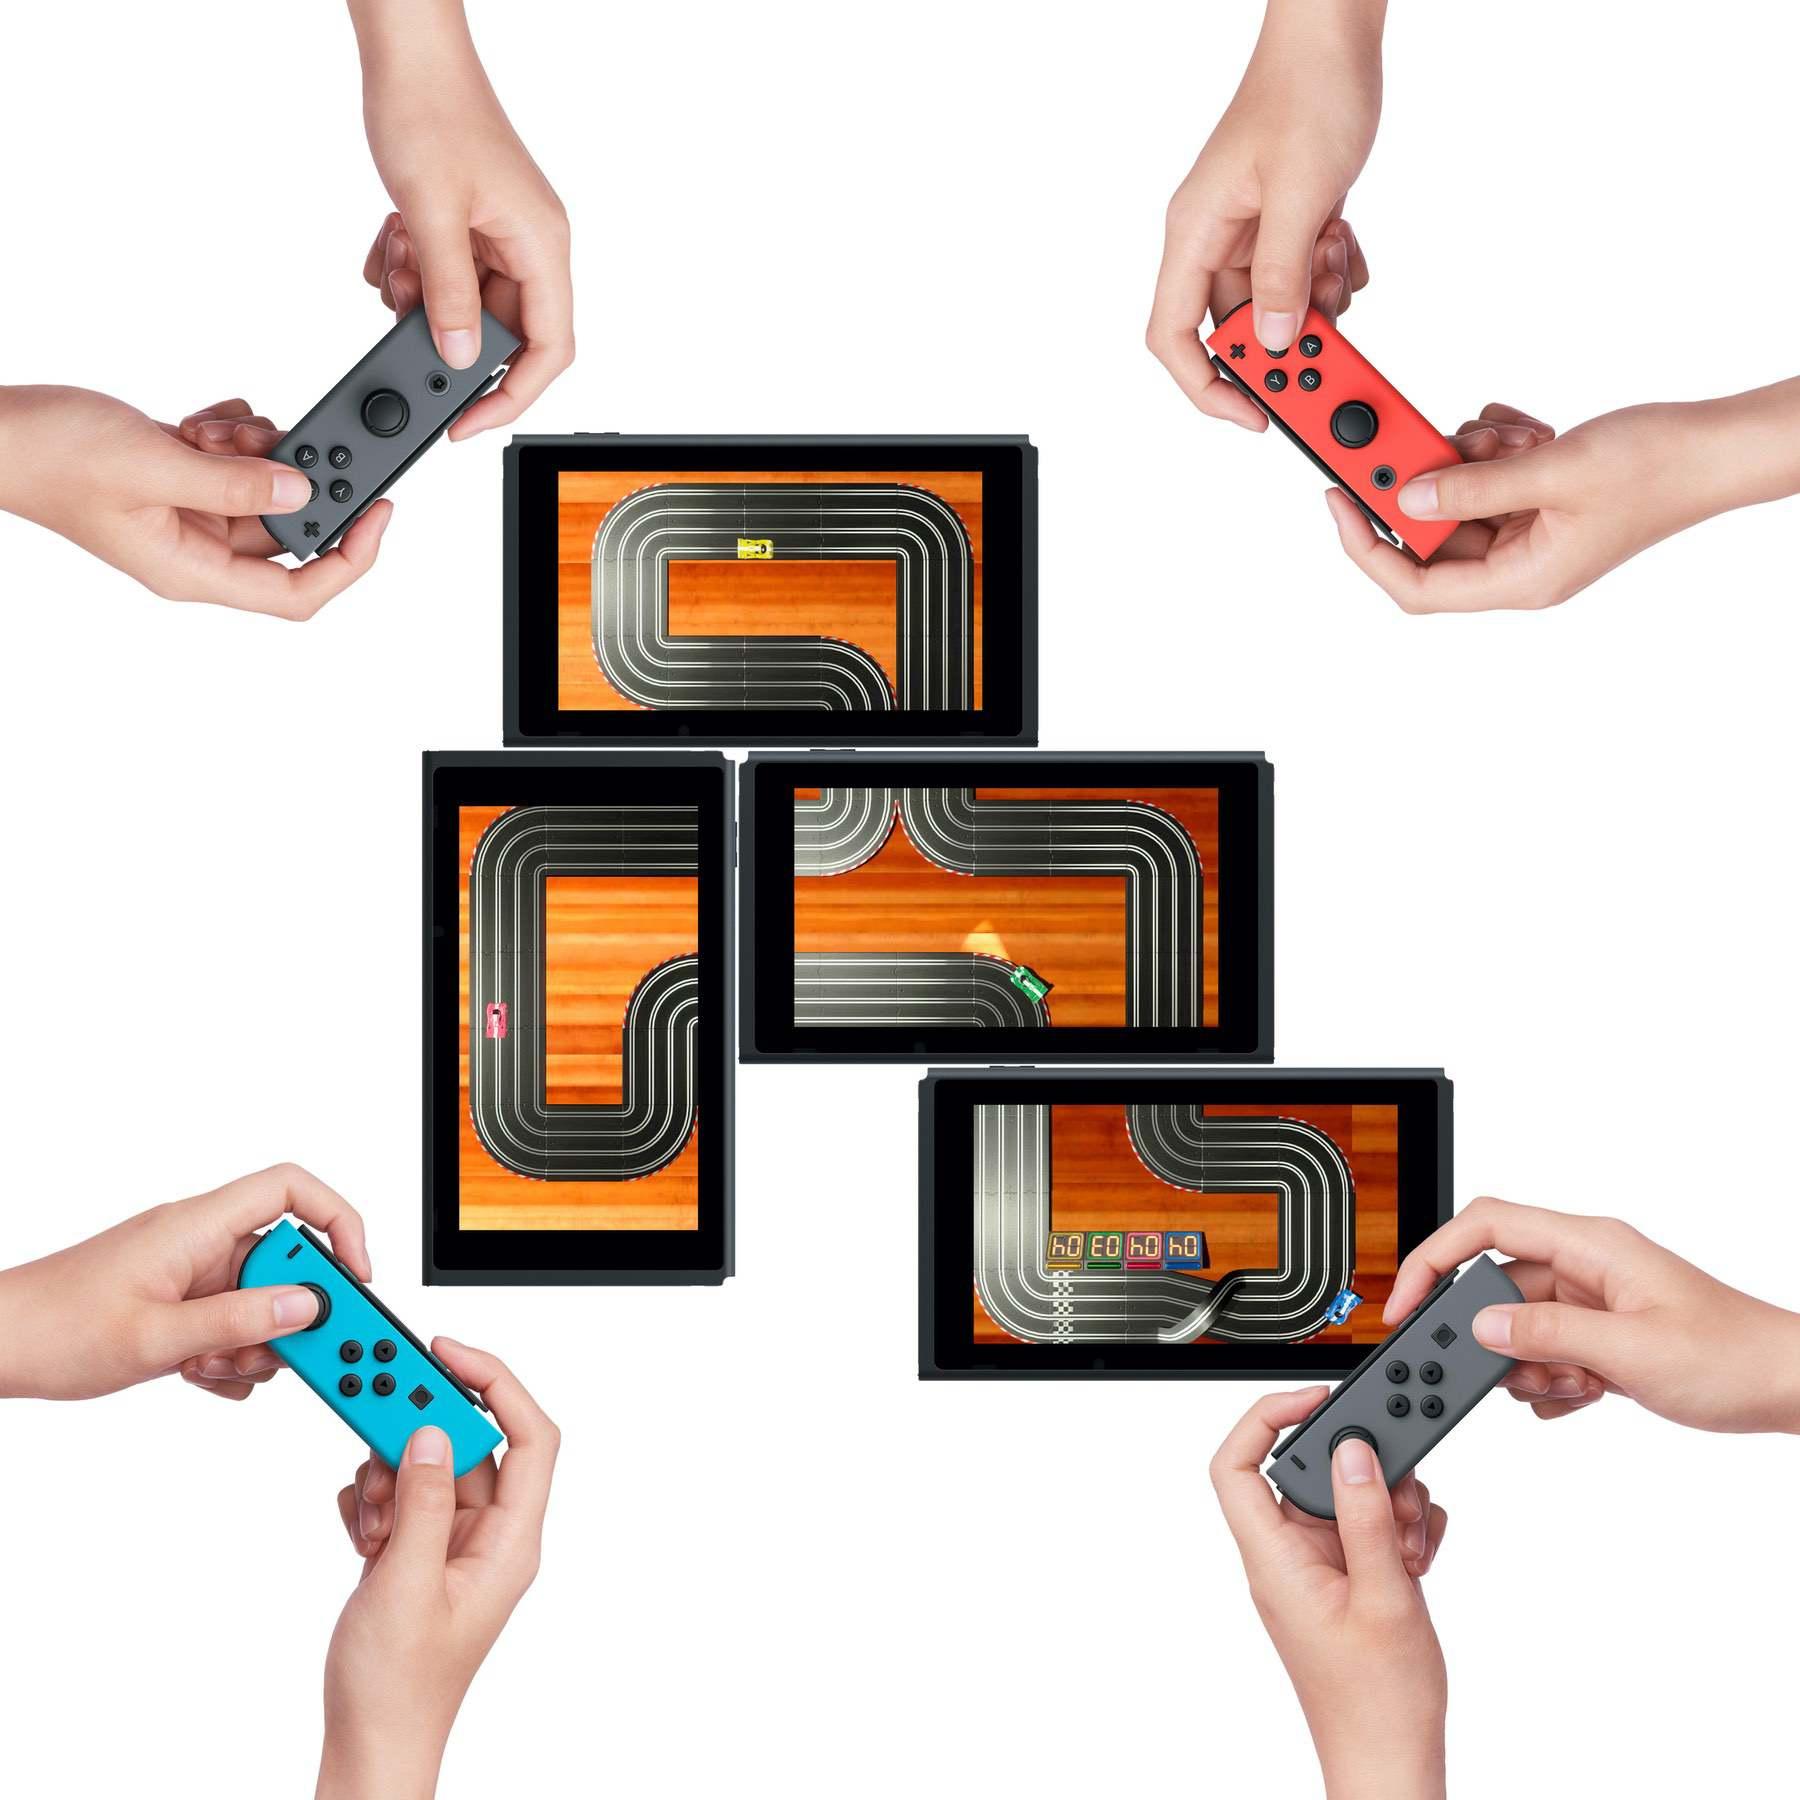 Zusammen spielen mit bis zu vier Konsolen